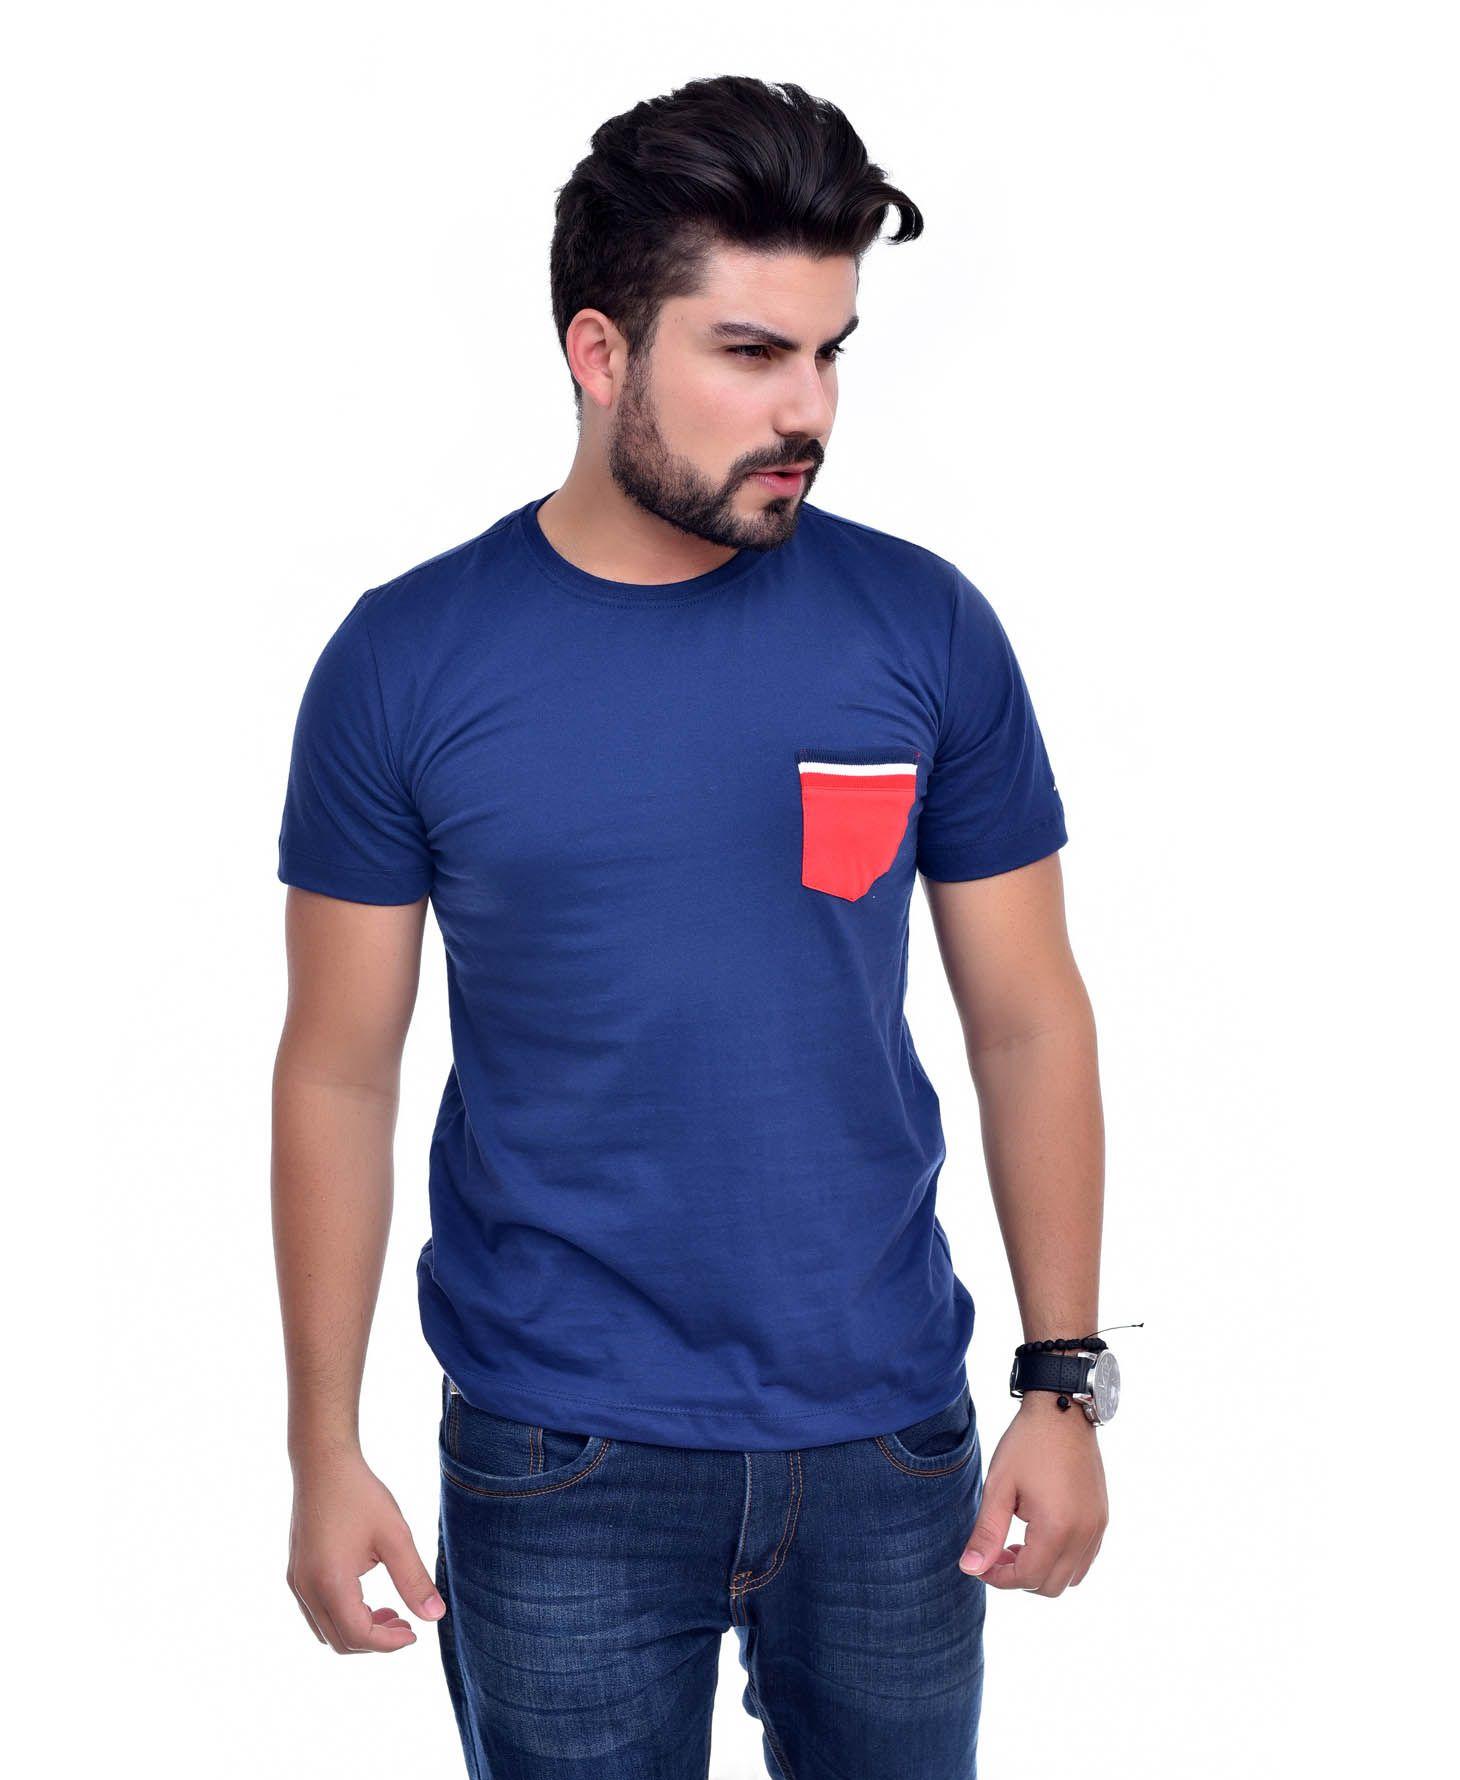 Camiseta Bolso TH Marinho / VR